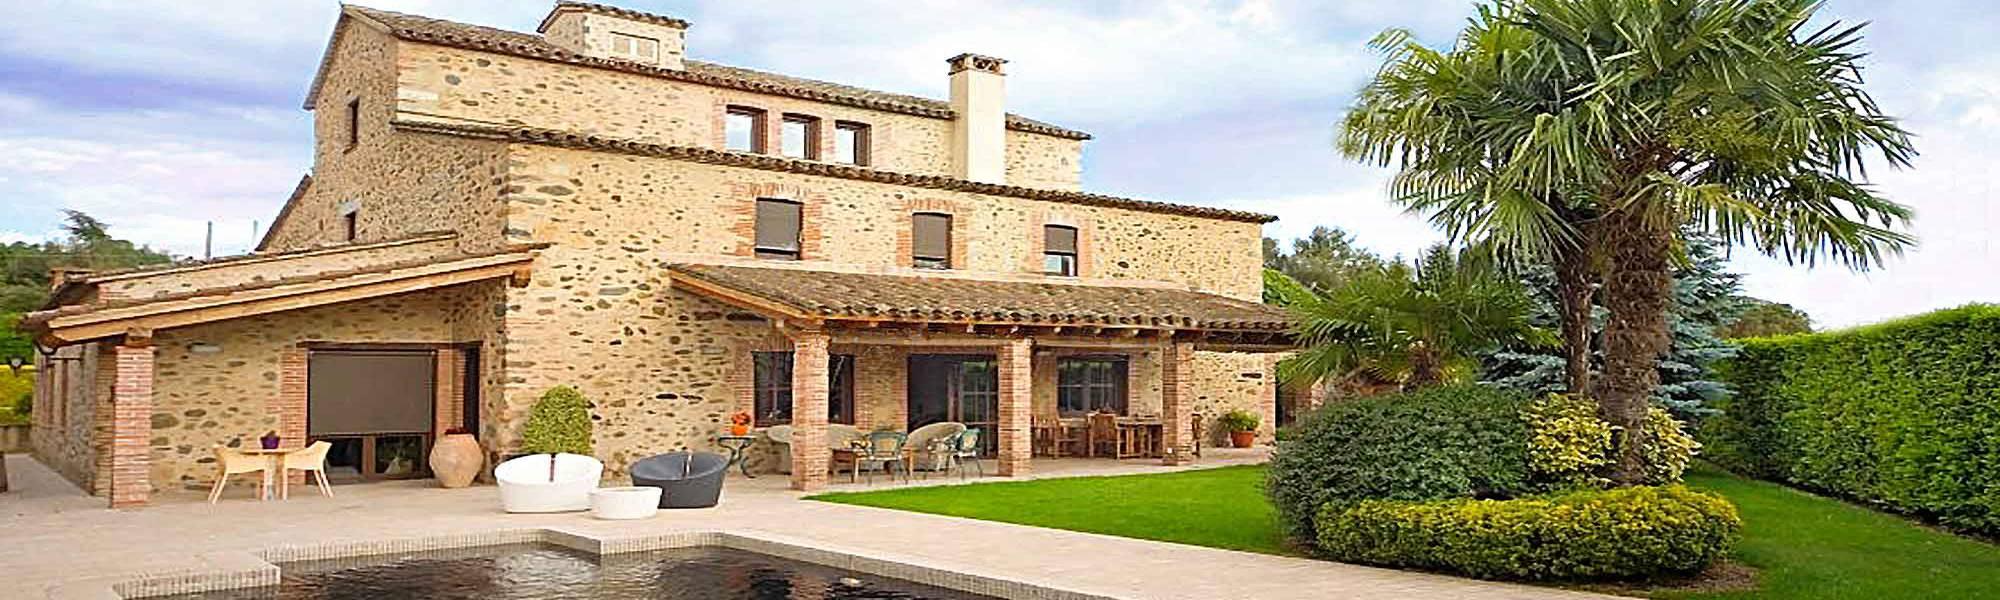 Casas de lujo y pisos en venta o de alquiler en el vall s for Pisos alquiler llica de vall